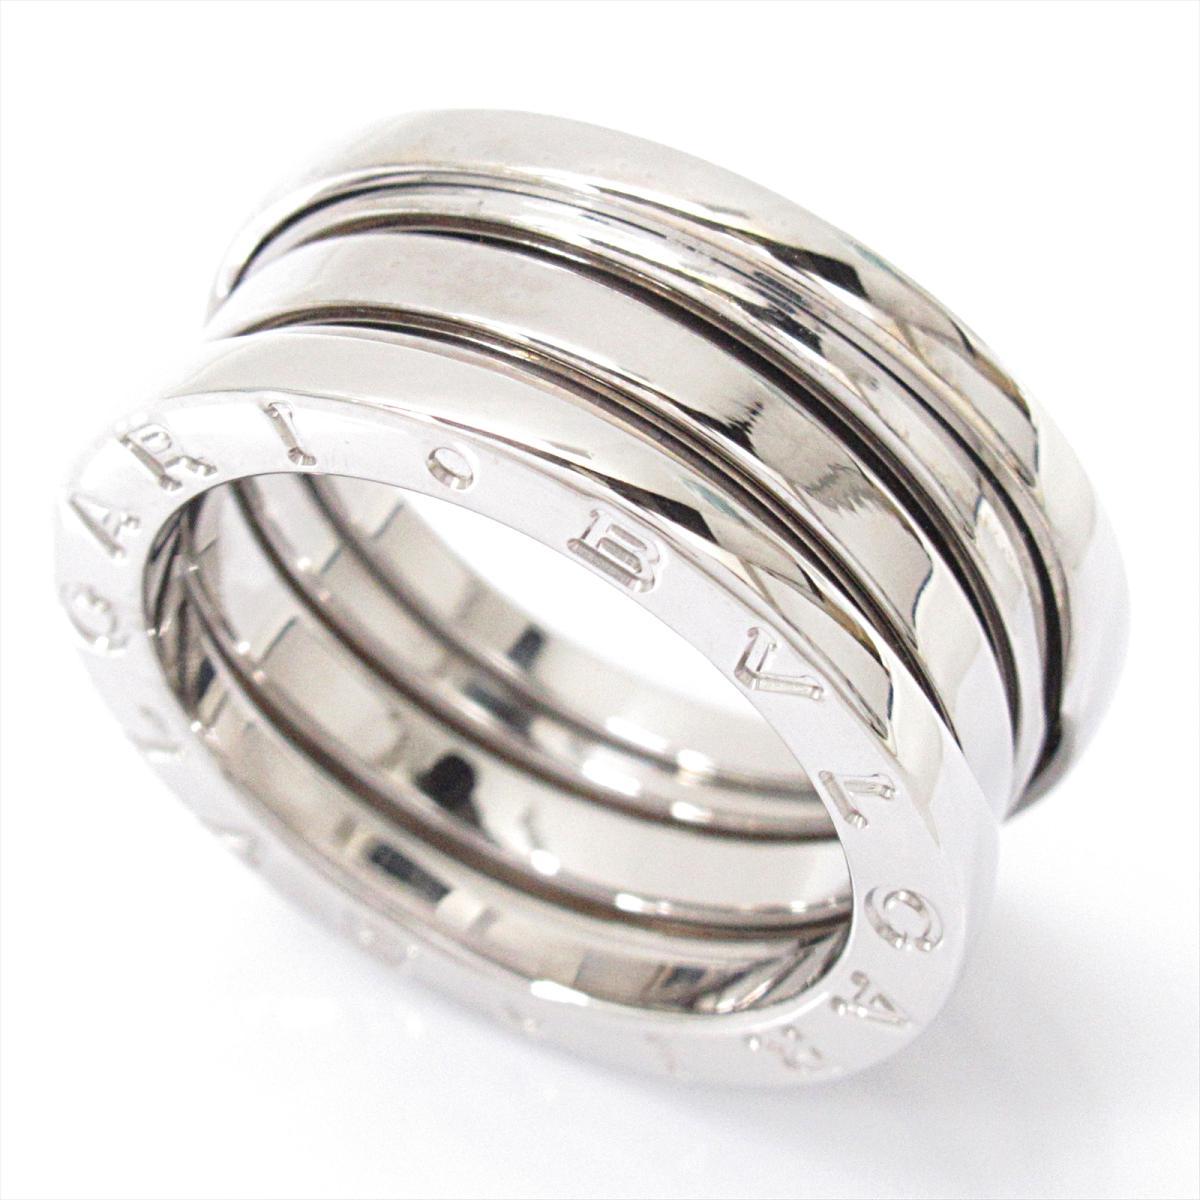 40dc4799dab8 中古】 ブルガリ B-zero1 ビーゼロワンリング 指輪 Sサイズ メンズ ...